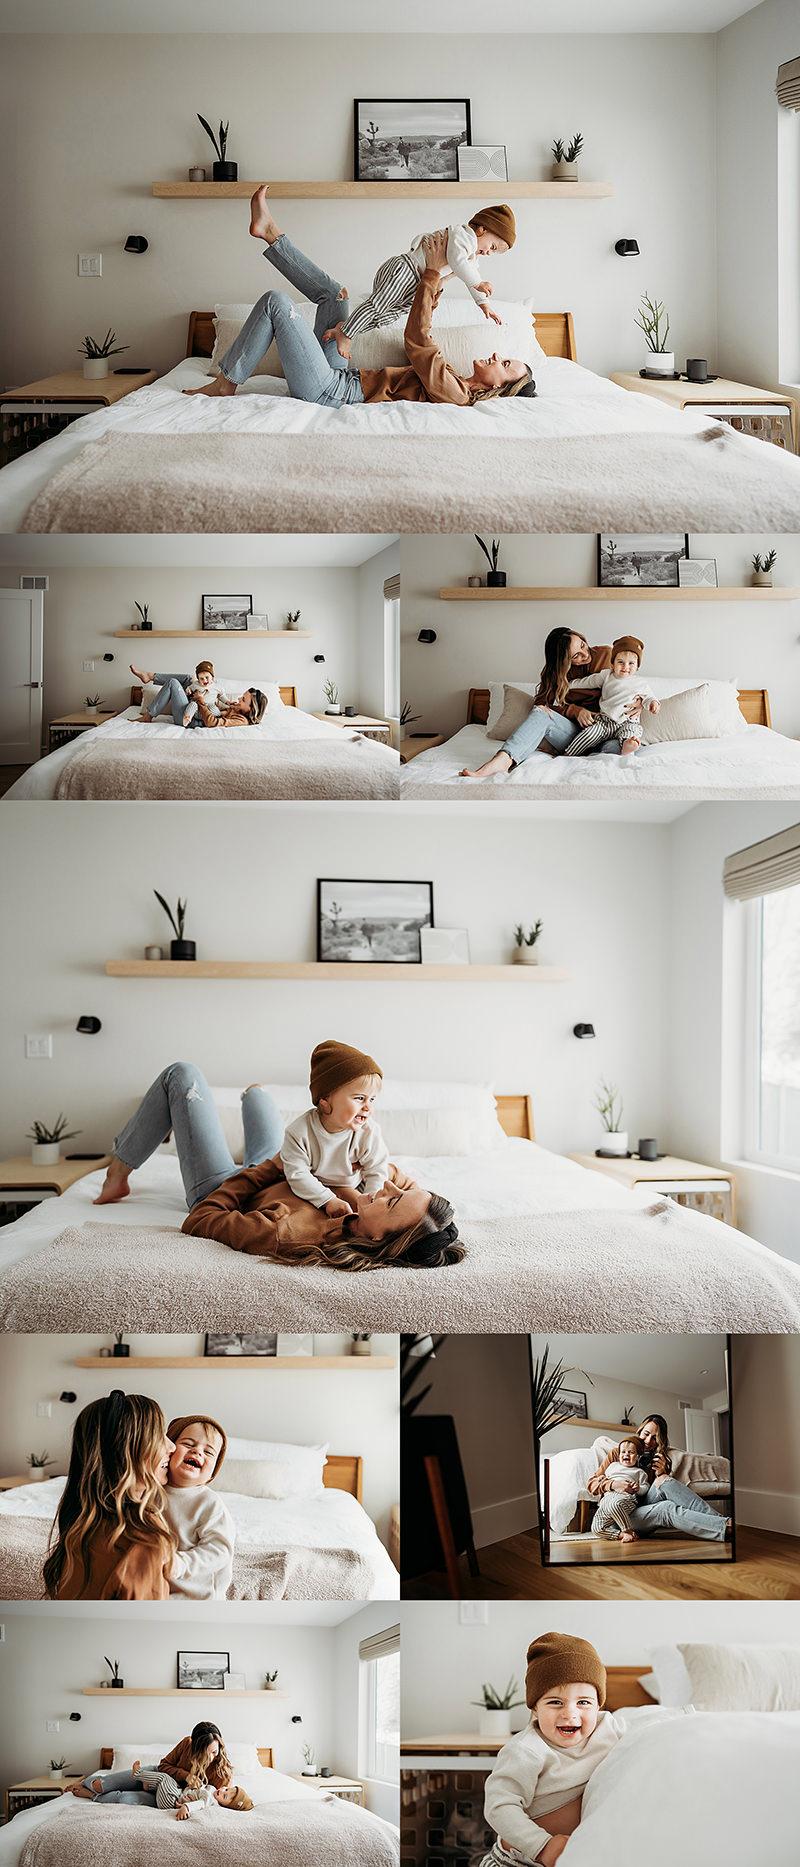 Denver family photographer, self portraits, alex morris design